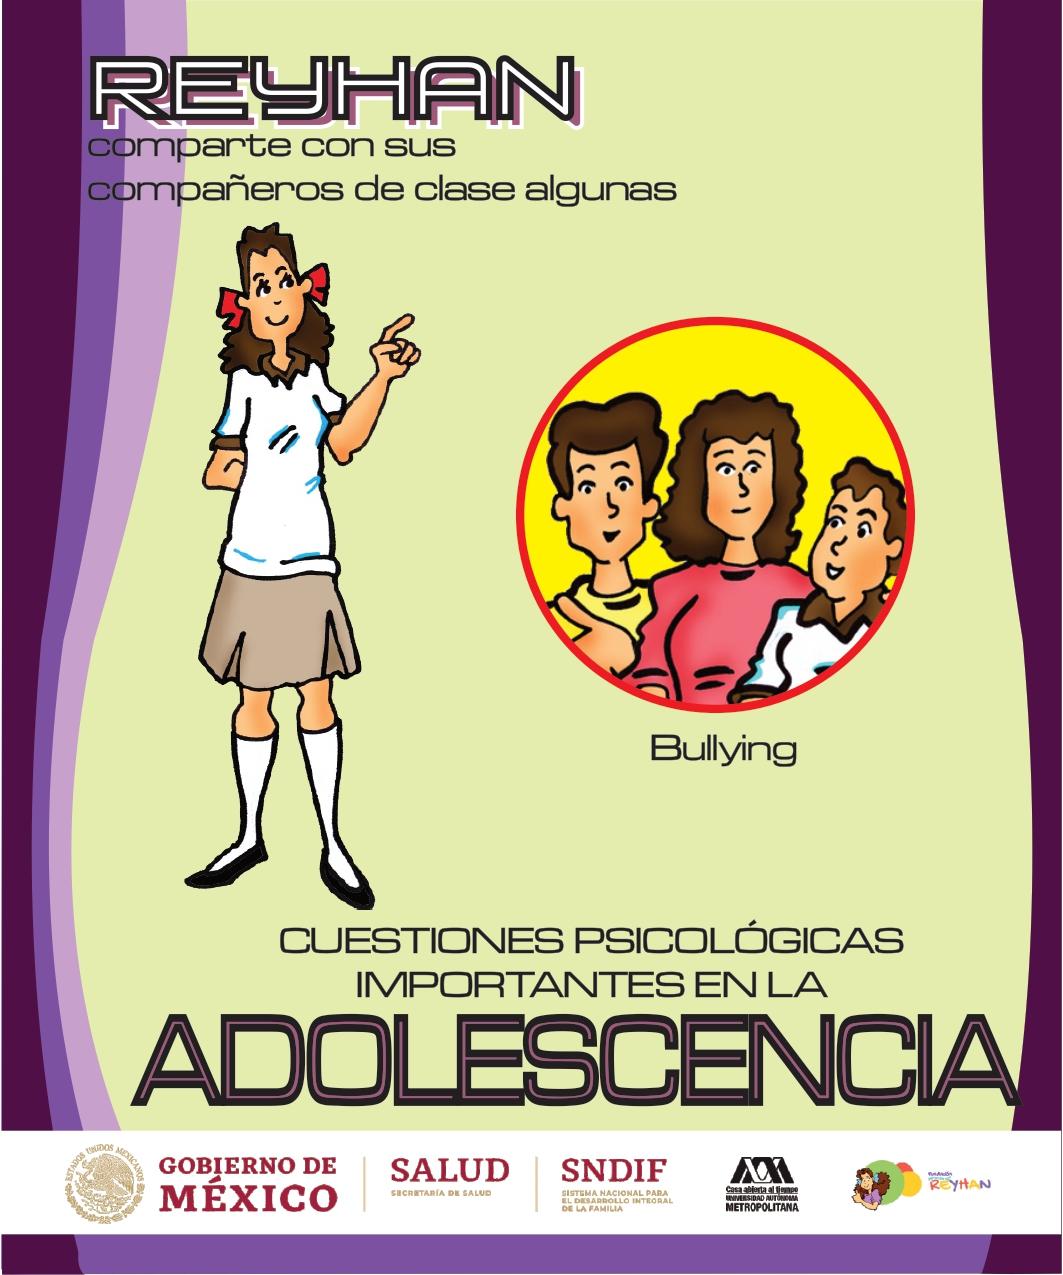 Psicología adolescentes Reyhan cap3 digital_page-0001